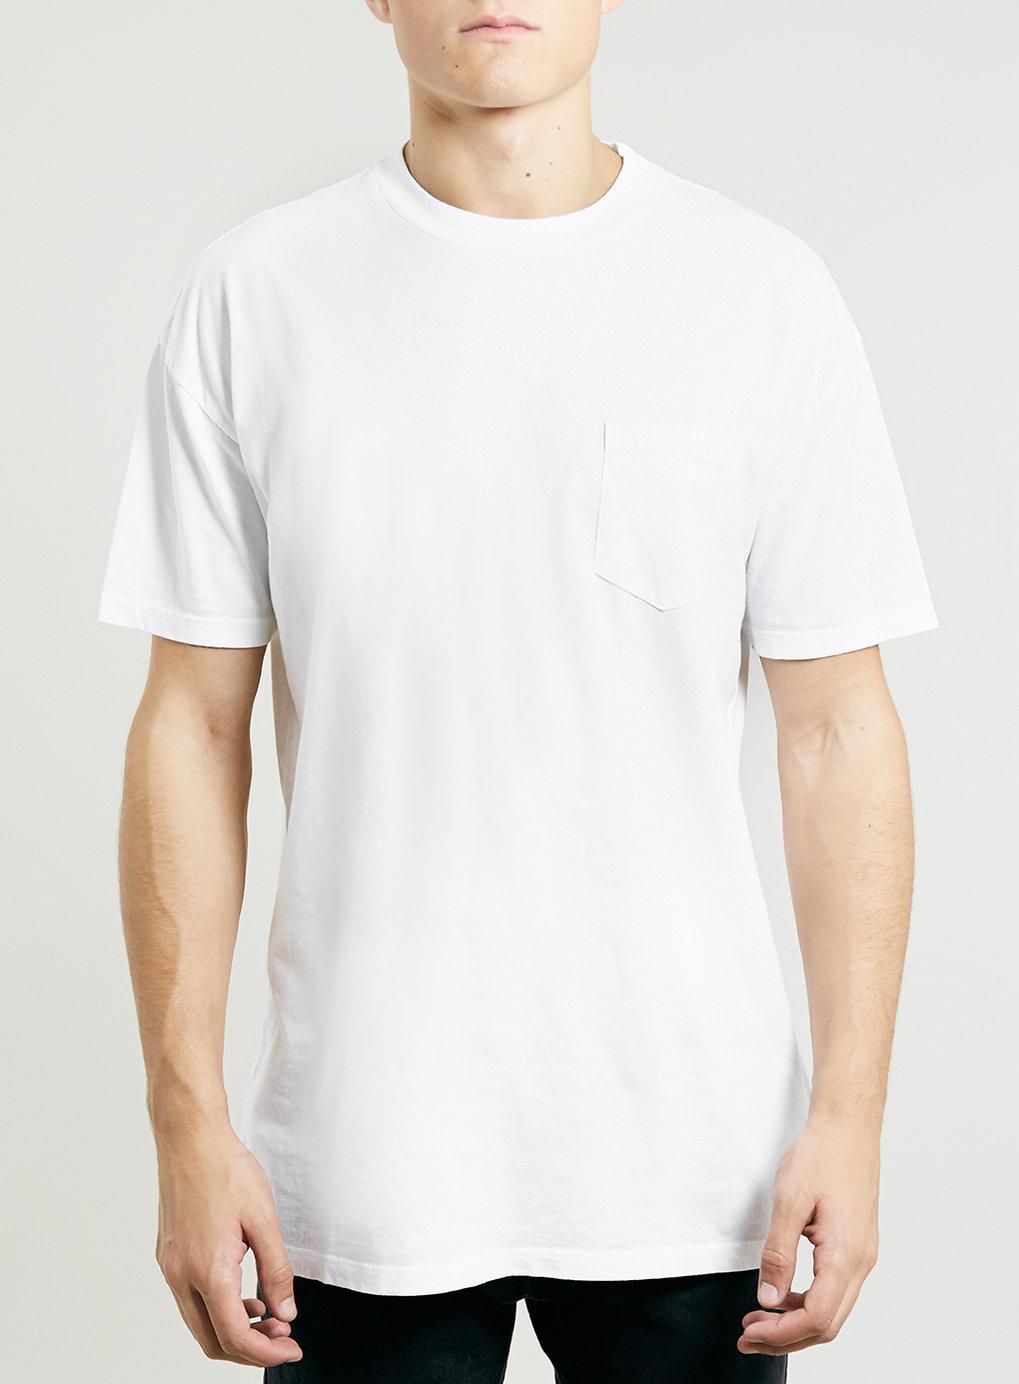 Topman mock neck long sleeve t shirt in white for men lyst for Mock long sleeve t shirts